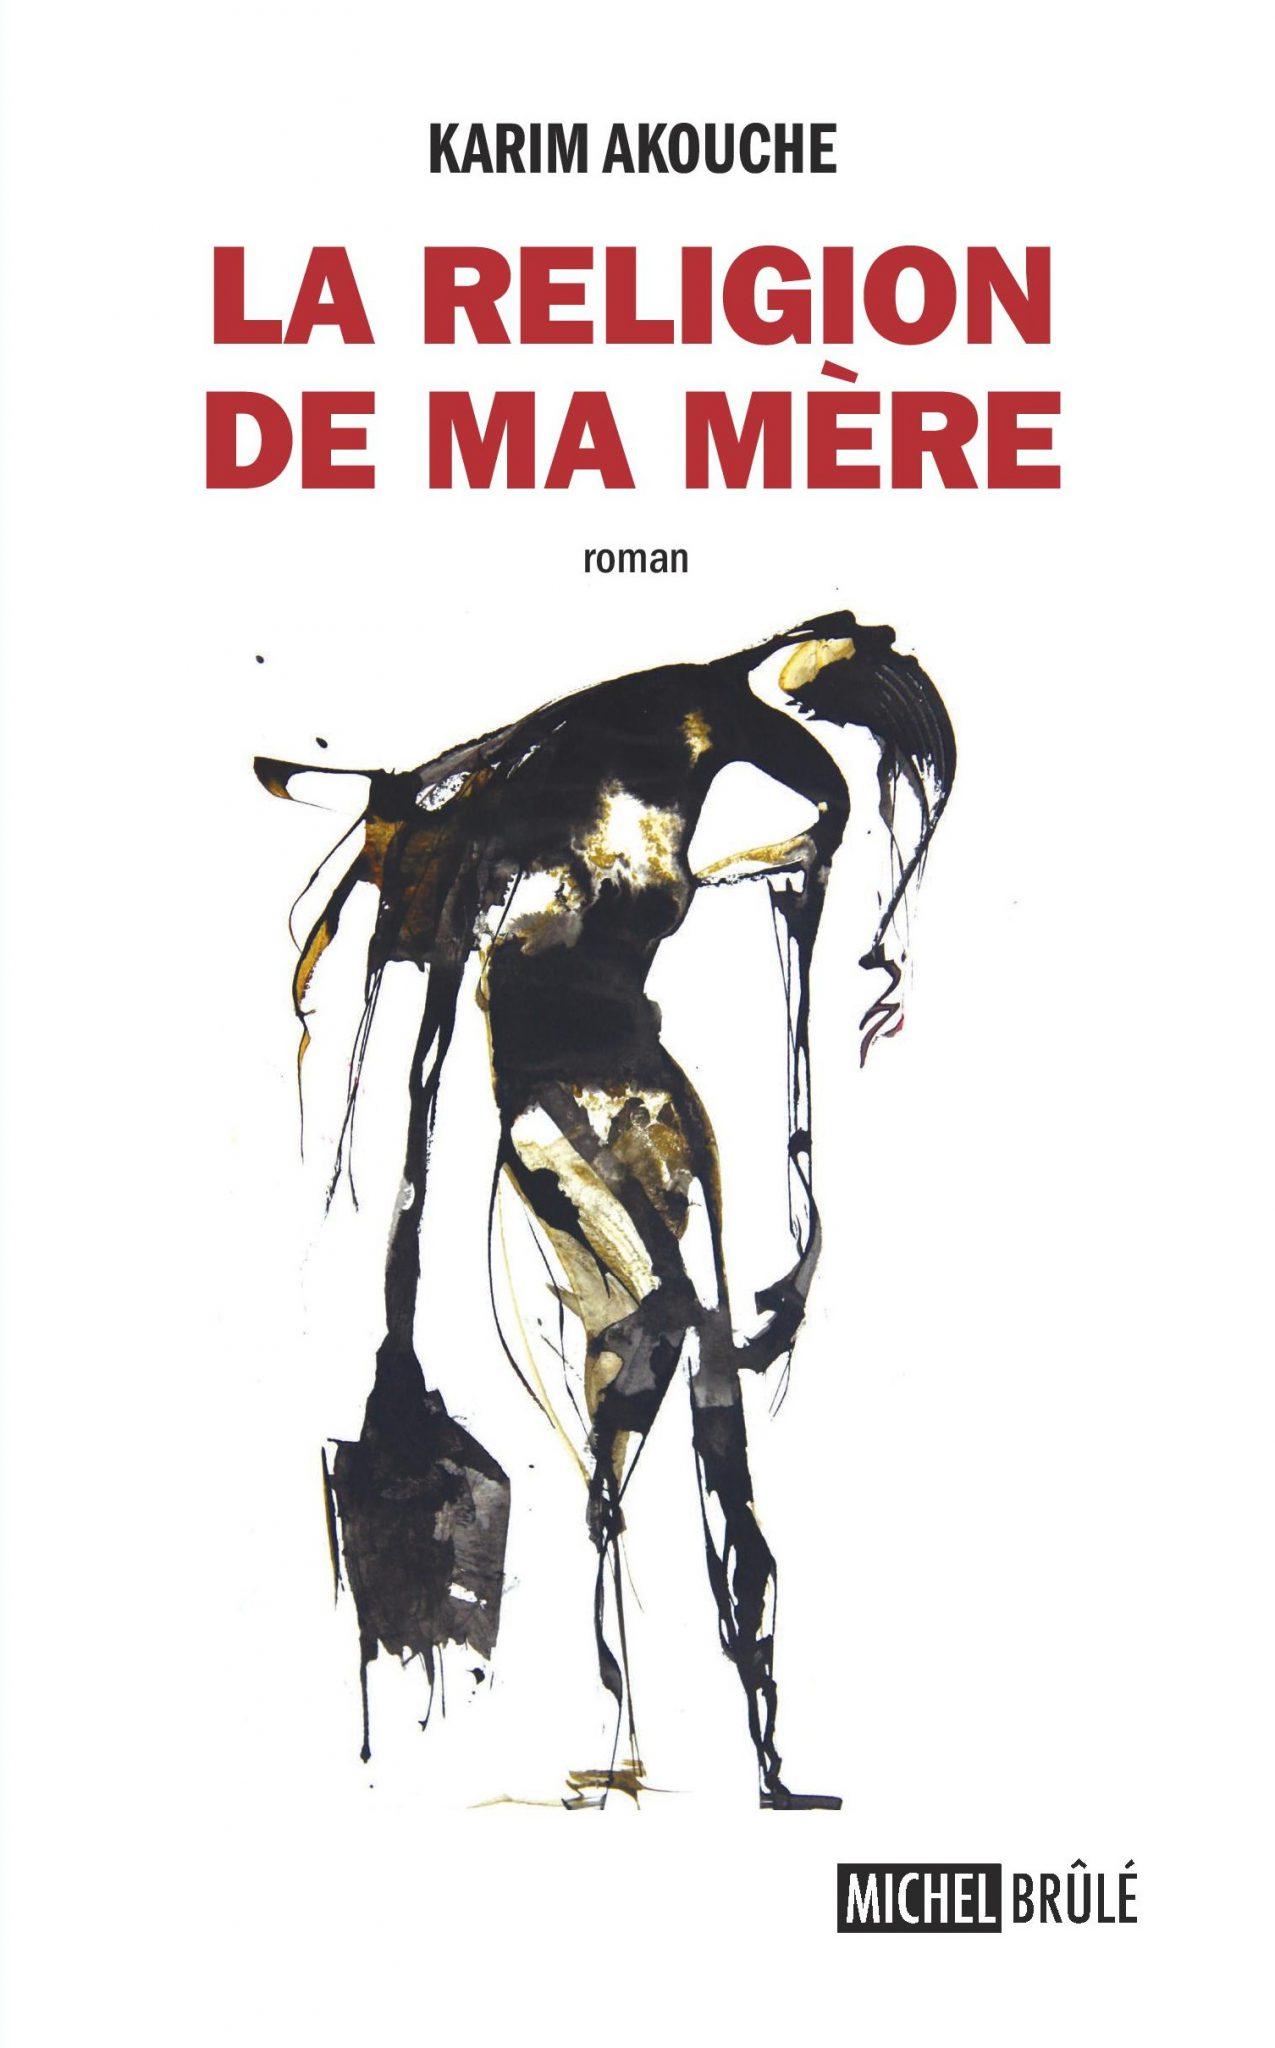 La Religion de ma mère, nouveau roman de Karim Akouche aux éditions Frantz Fanon (Tizi-Ouzou) et aux éditions Michel Brûlé (Montréal)